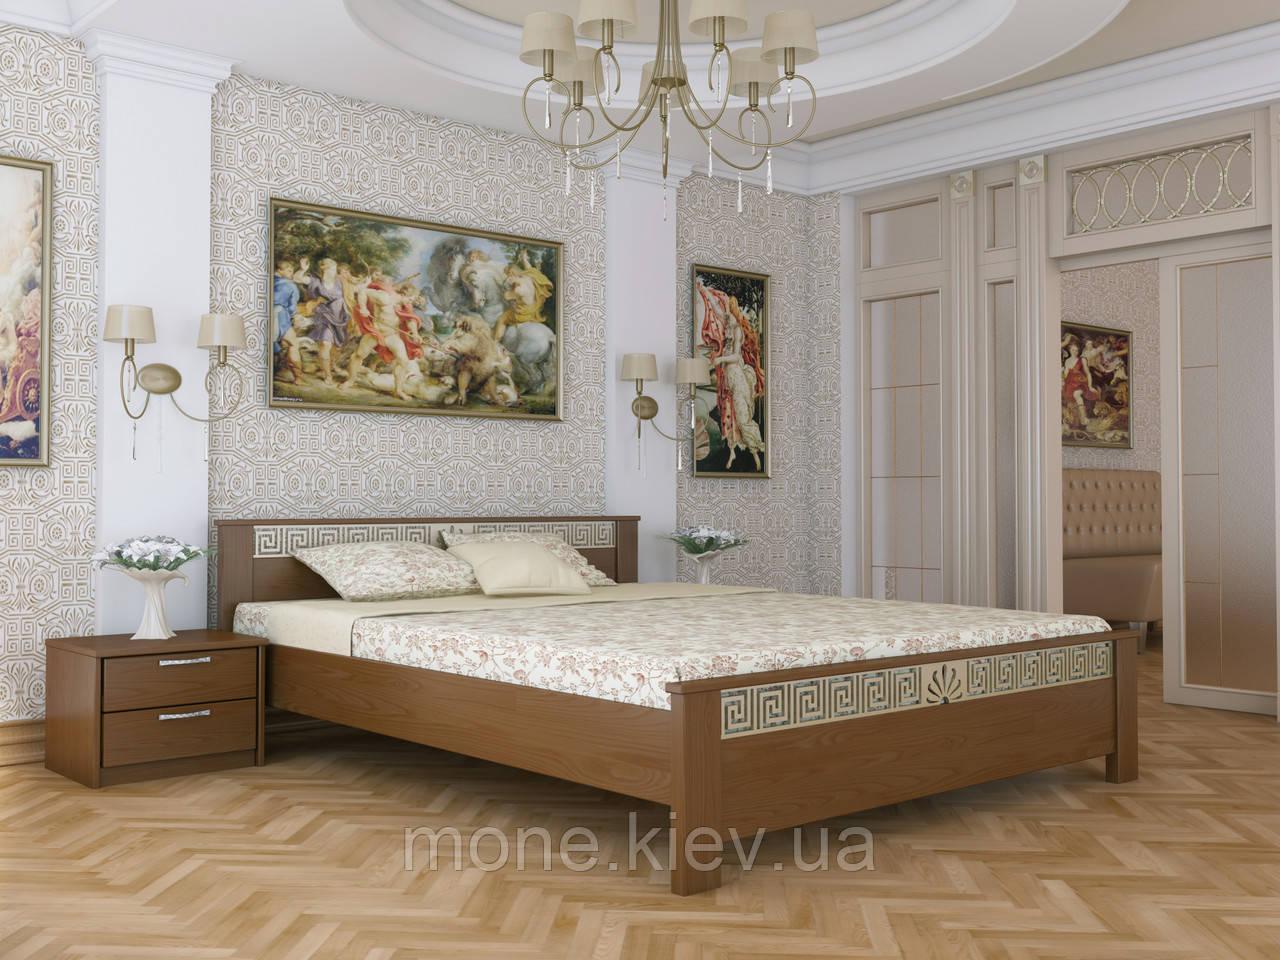 """Кровать двуспальная"""" Хлоя"""" деревянная из бука"""